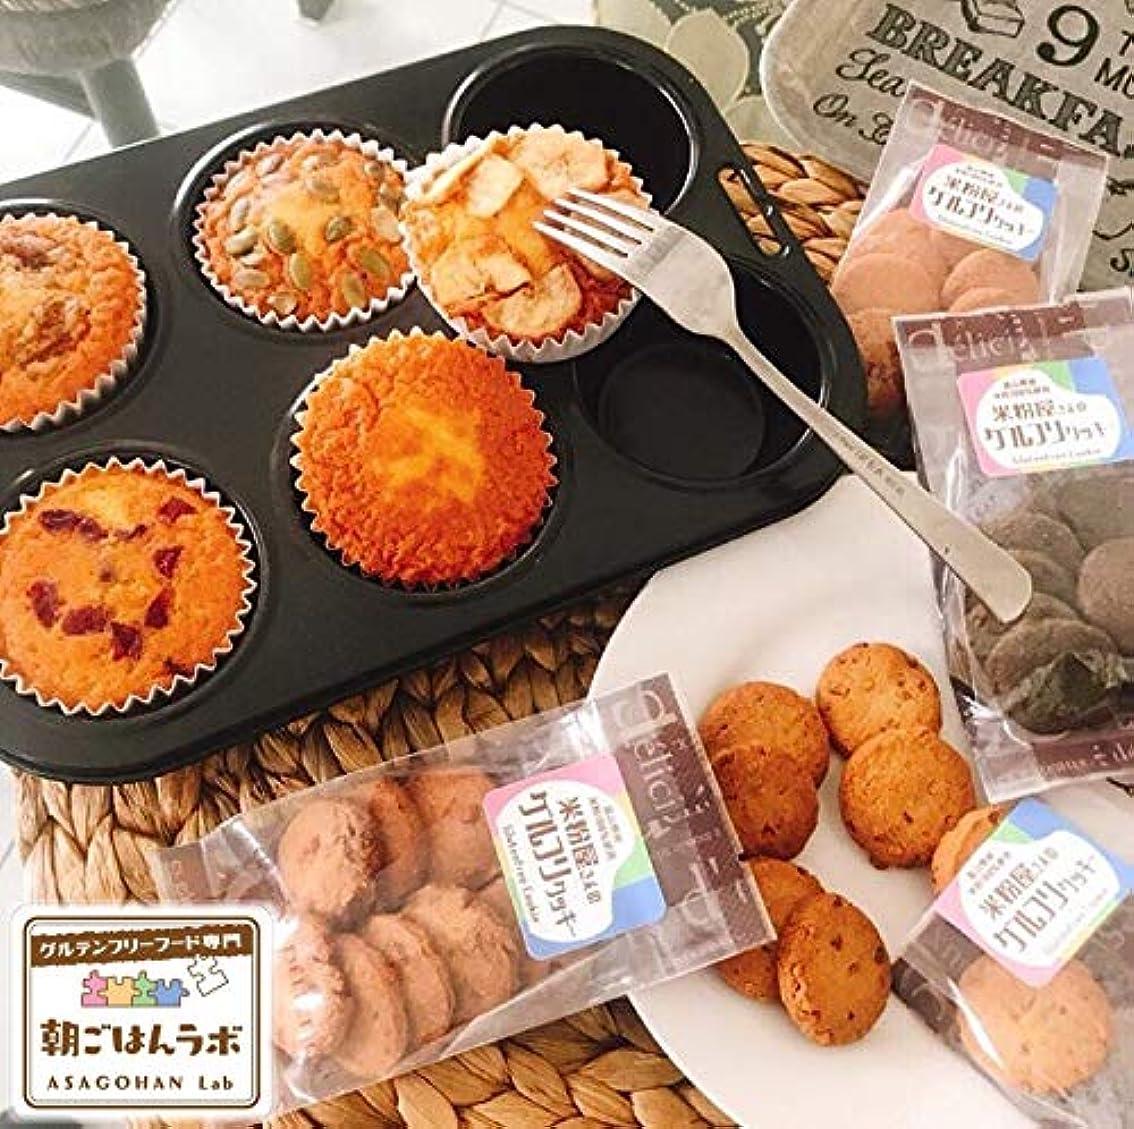 アンティーク施設従順米粉屋さんのグルフリクッキー小袋 4袋&グルフリベイク5個 グルテンフリー 朝ごはんラボ